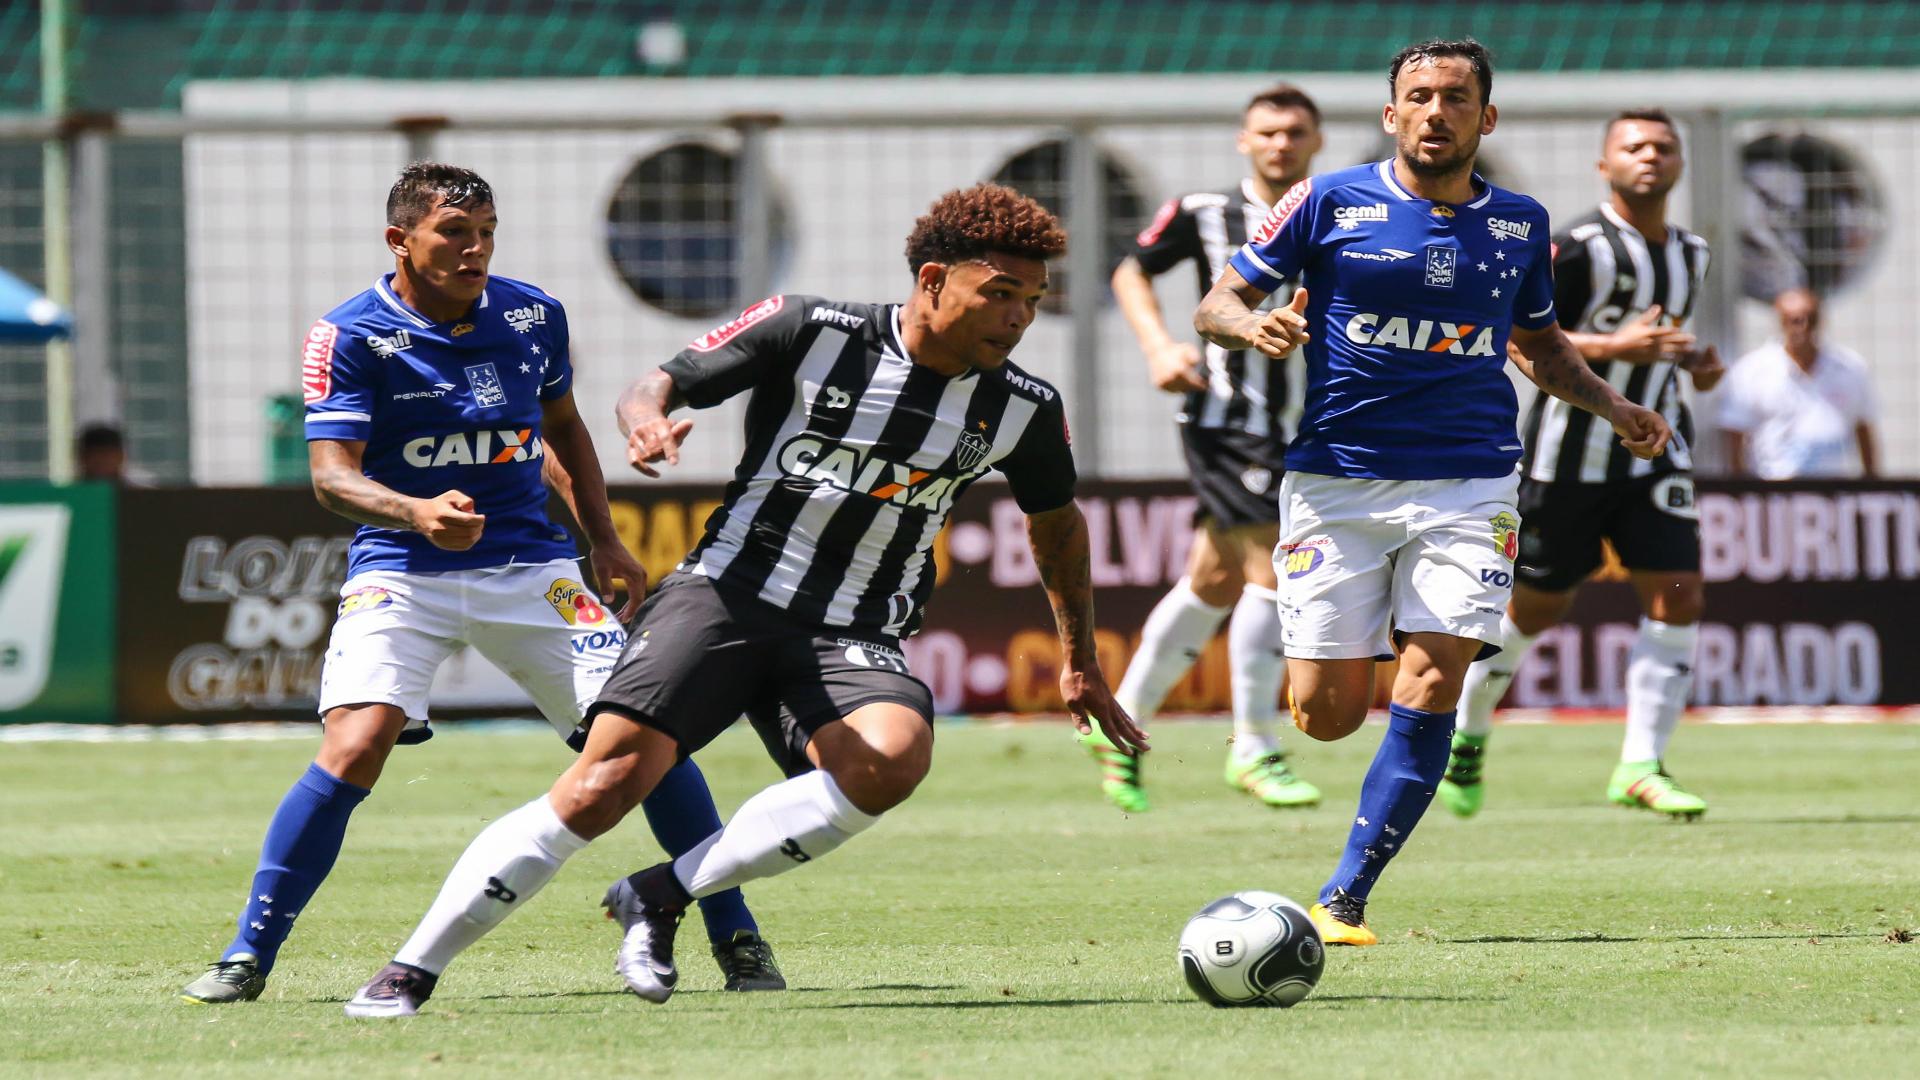 9ed7206cf2 10 pontos para analisar no clássico entre Atlético-MG x Cruzeiro ...